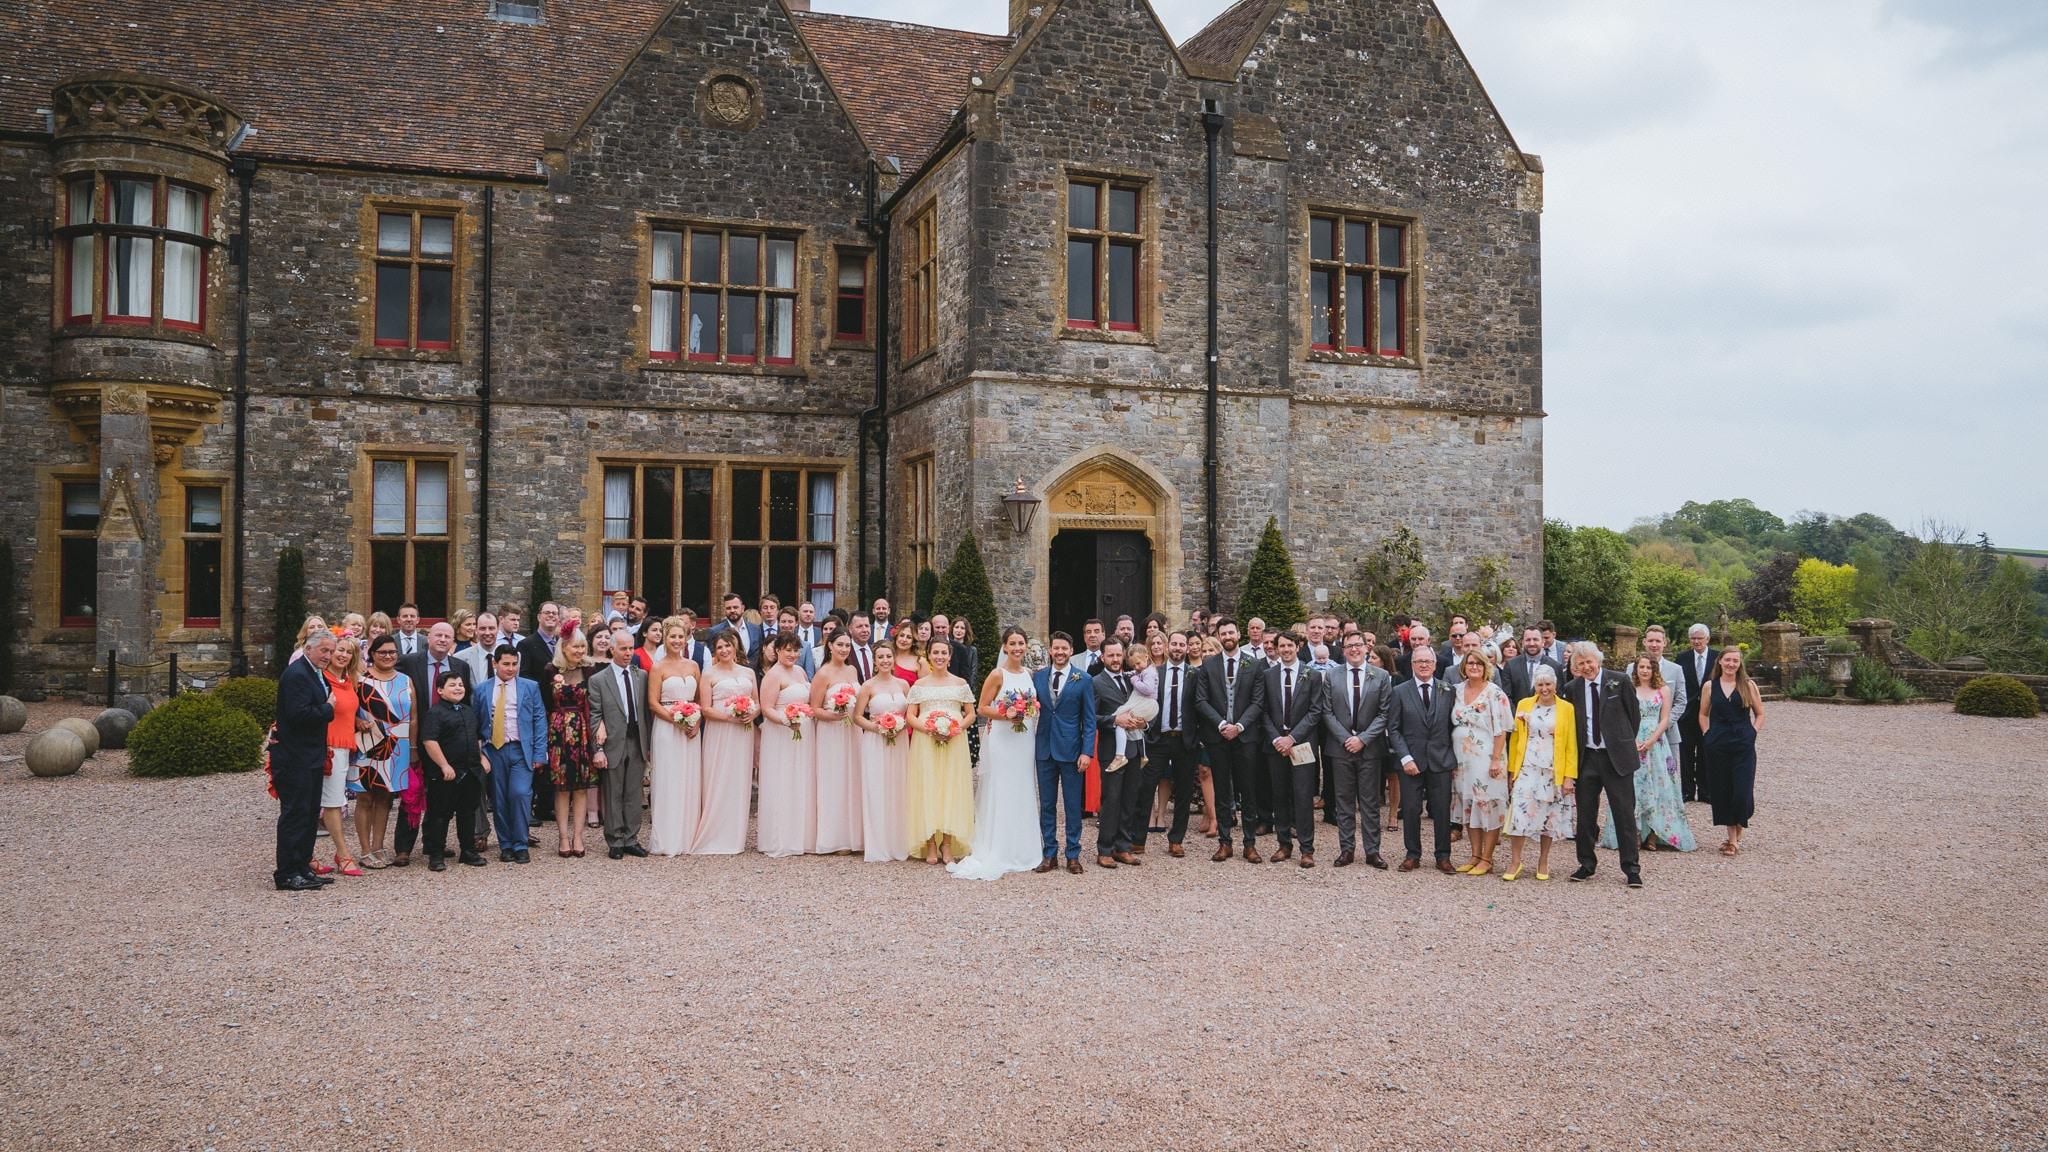 Group photos of wedding at Huntsham court in Devon